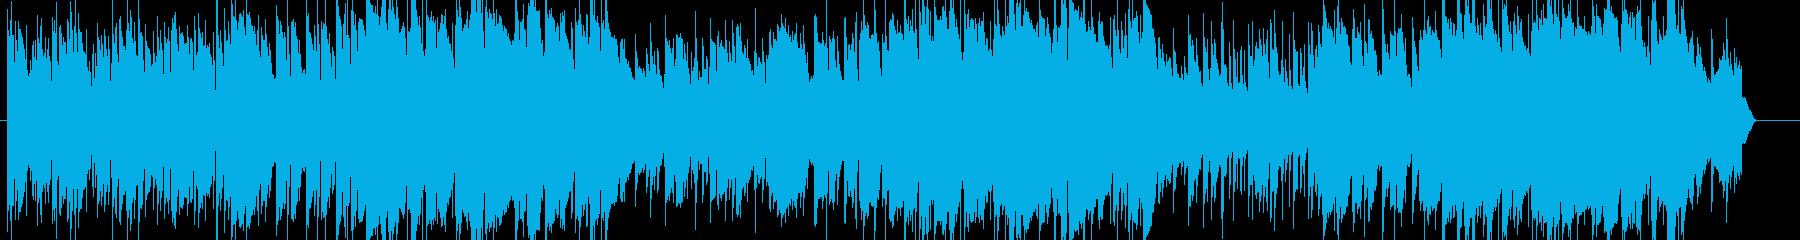 女性ボーカルの切ない冬のイメージの曲の再生済みの波形